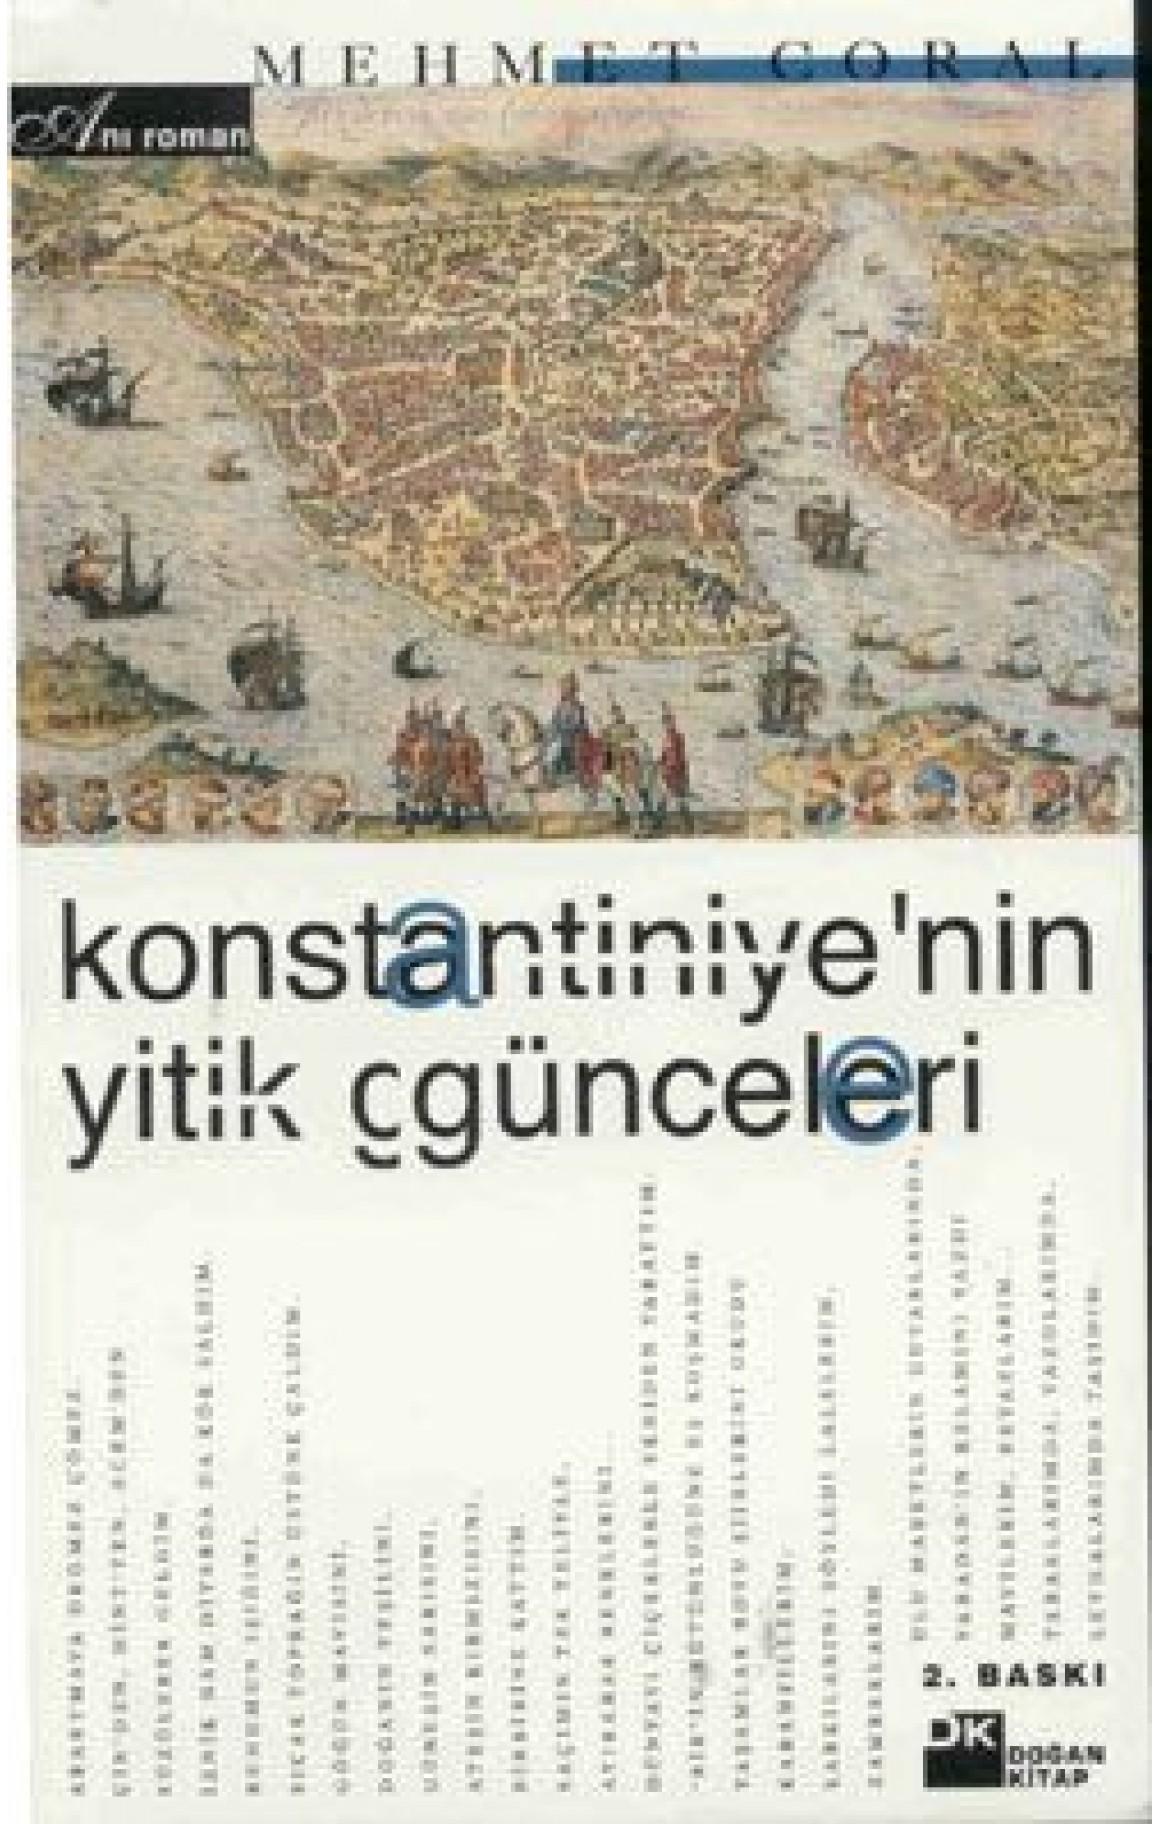 Konstantiniyenin Yitik Günceleri